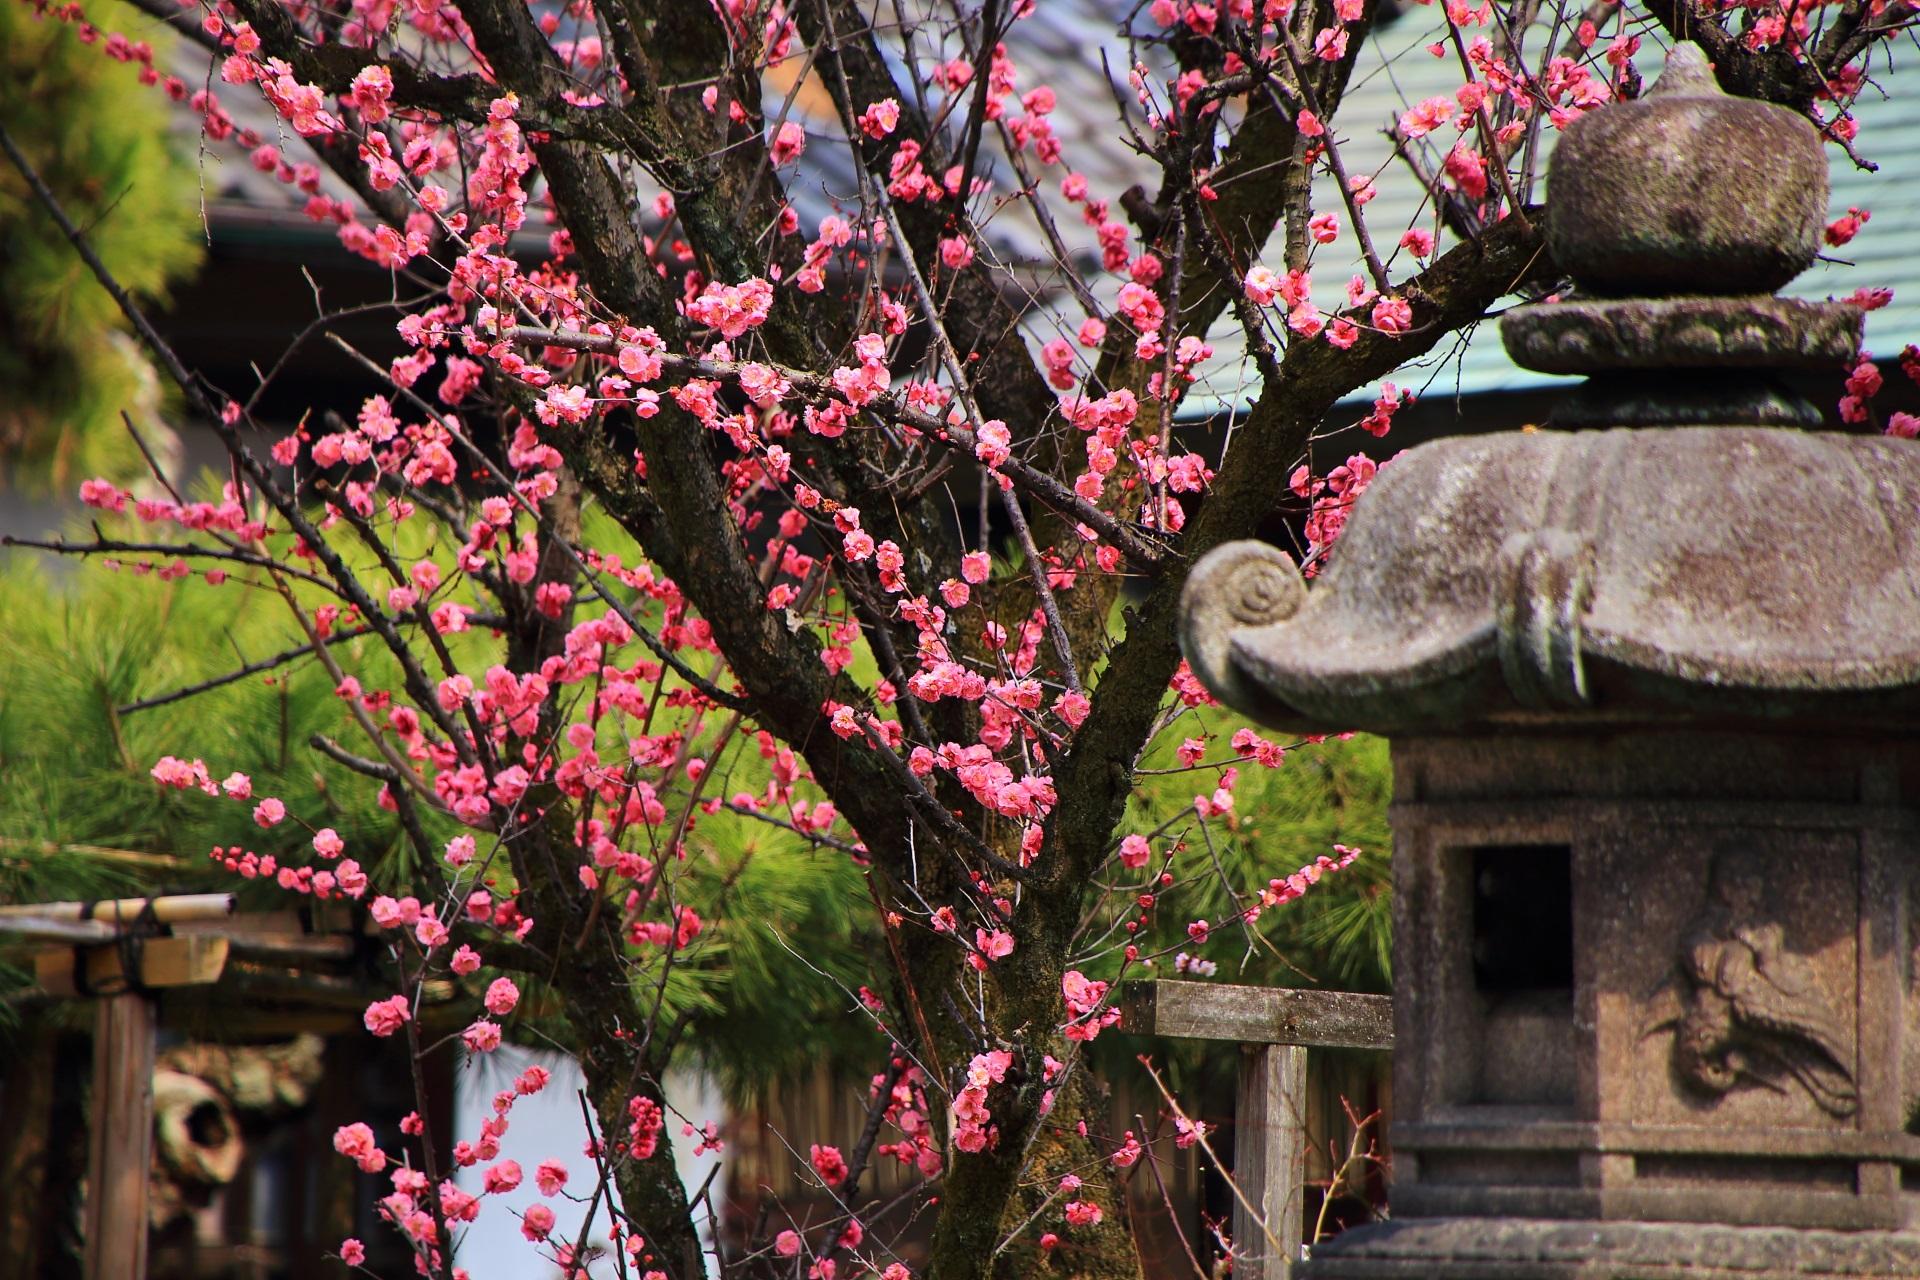 下御霊神社の燈籠と梅の花